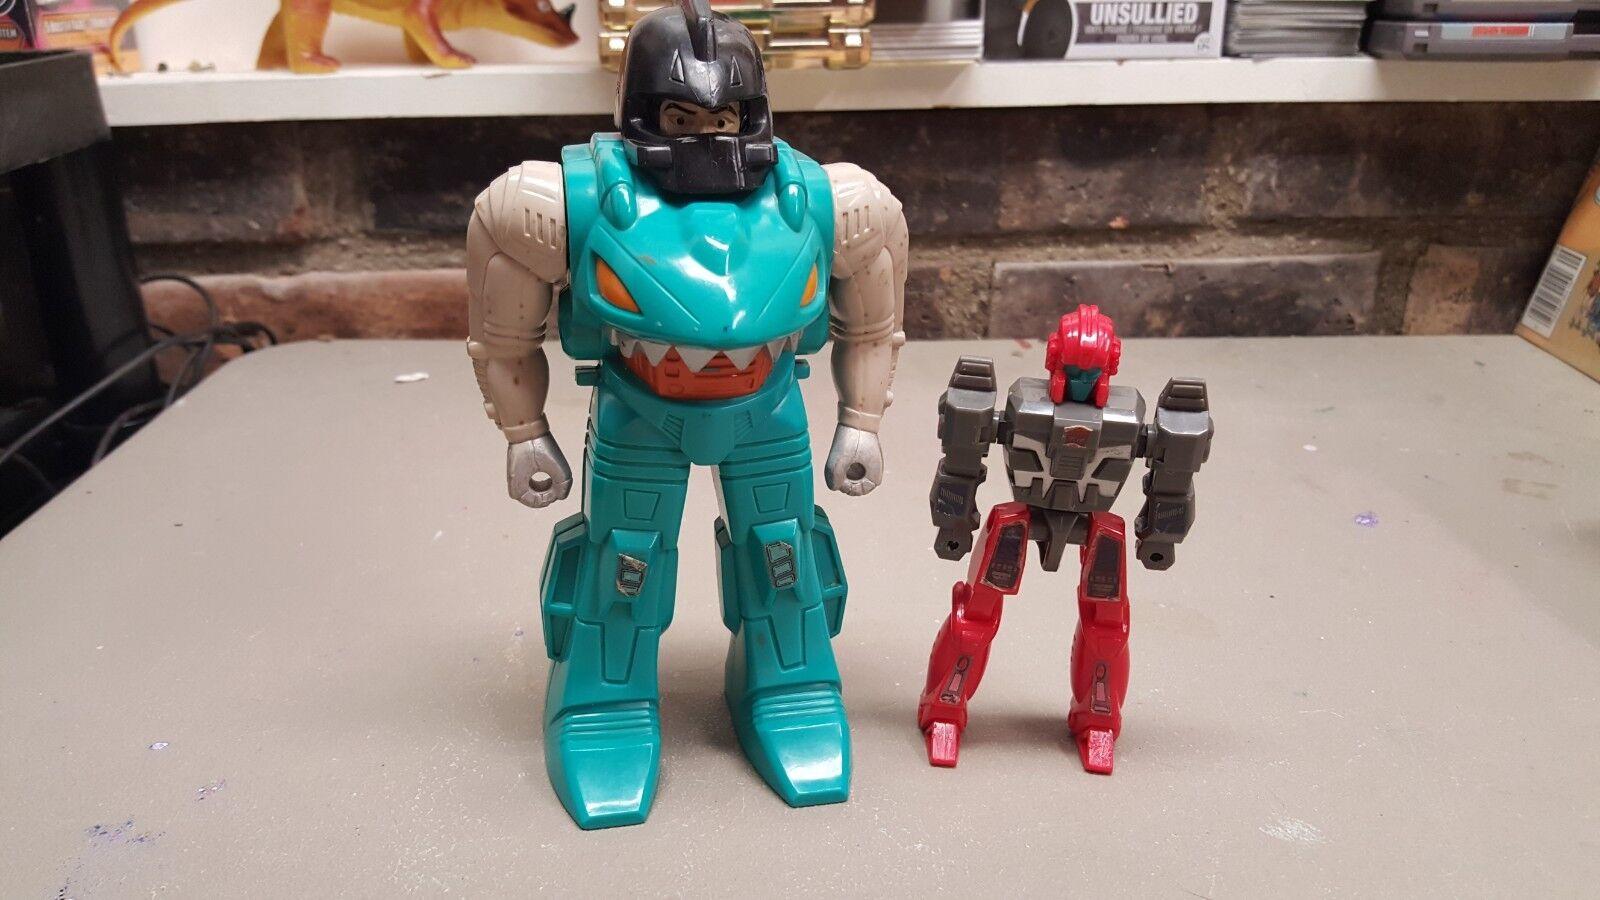 TRANSFORMERS G1 G1 G1 Pretenders Splashdown Figure & Inner Bot dd243c